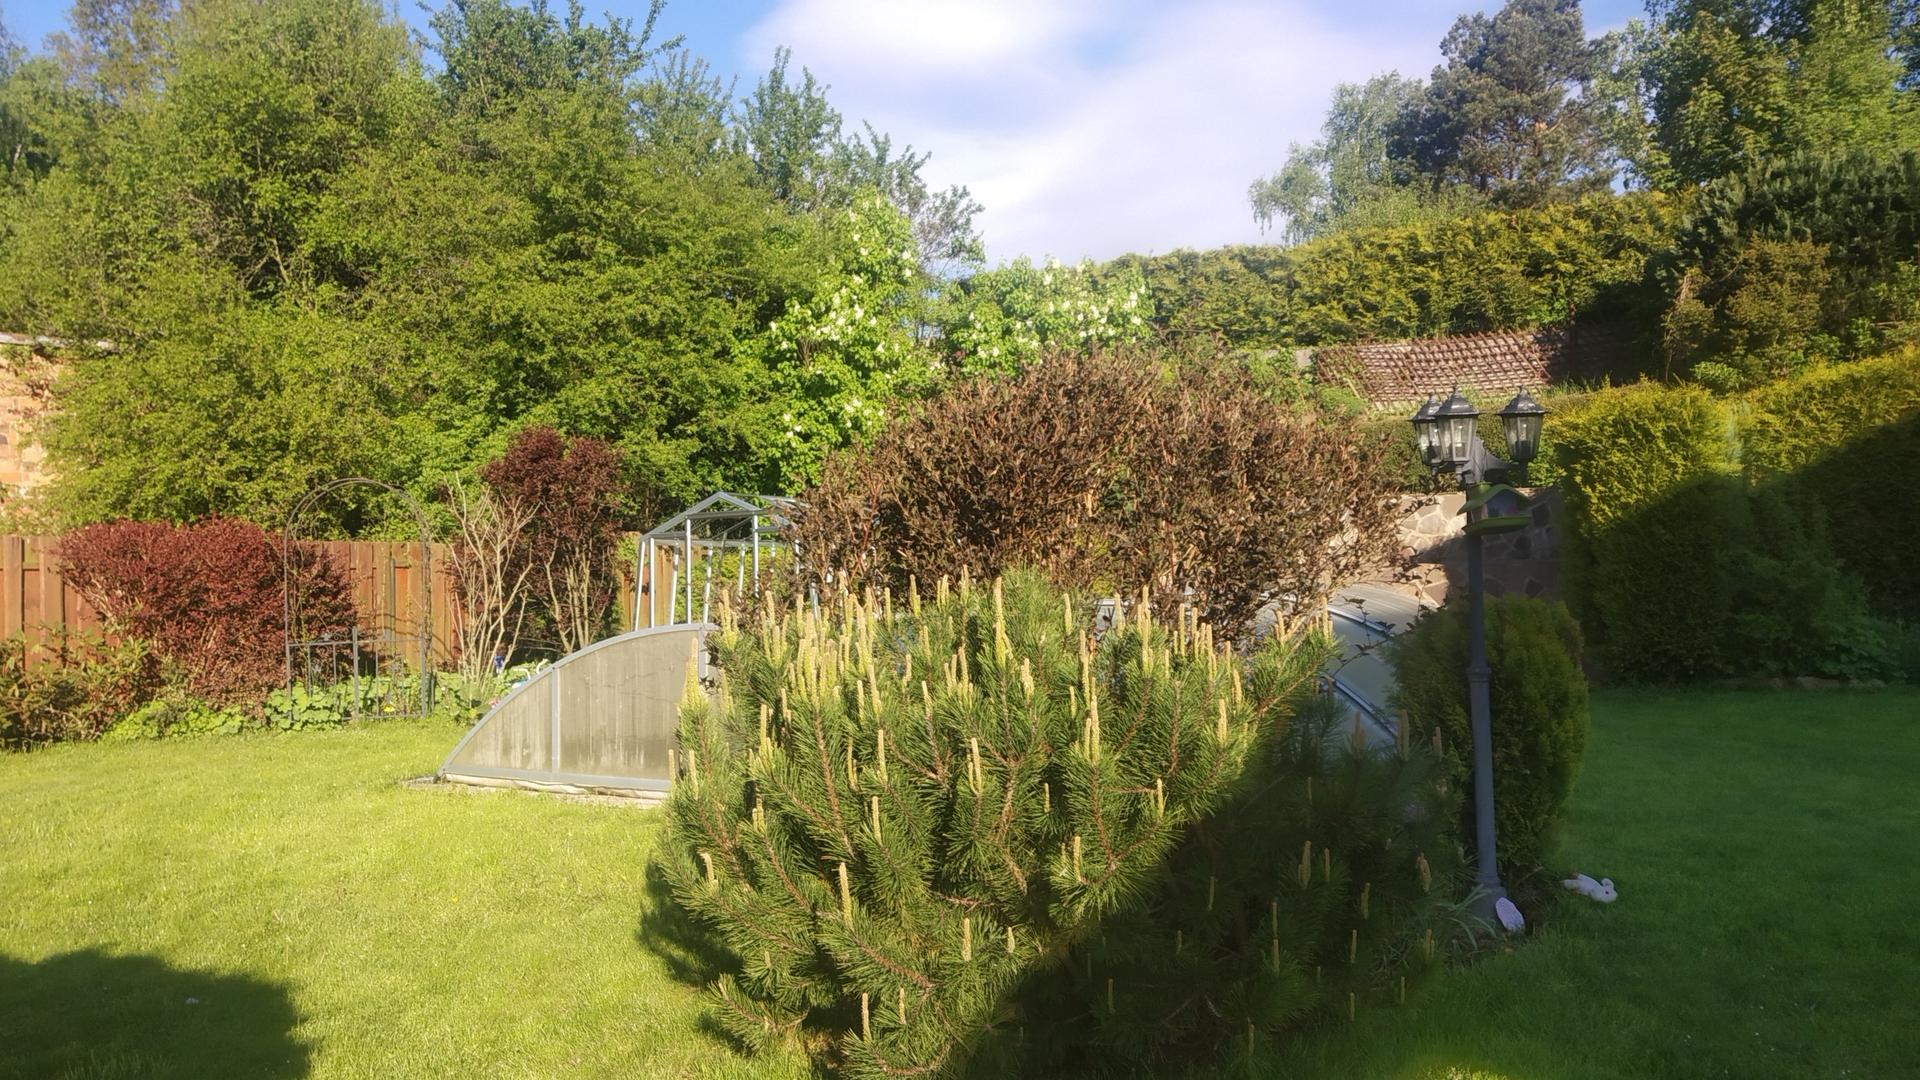 Zahrada 2021 a budování skleníku - Obrázek č. 17